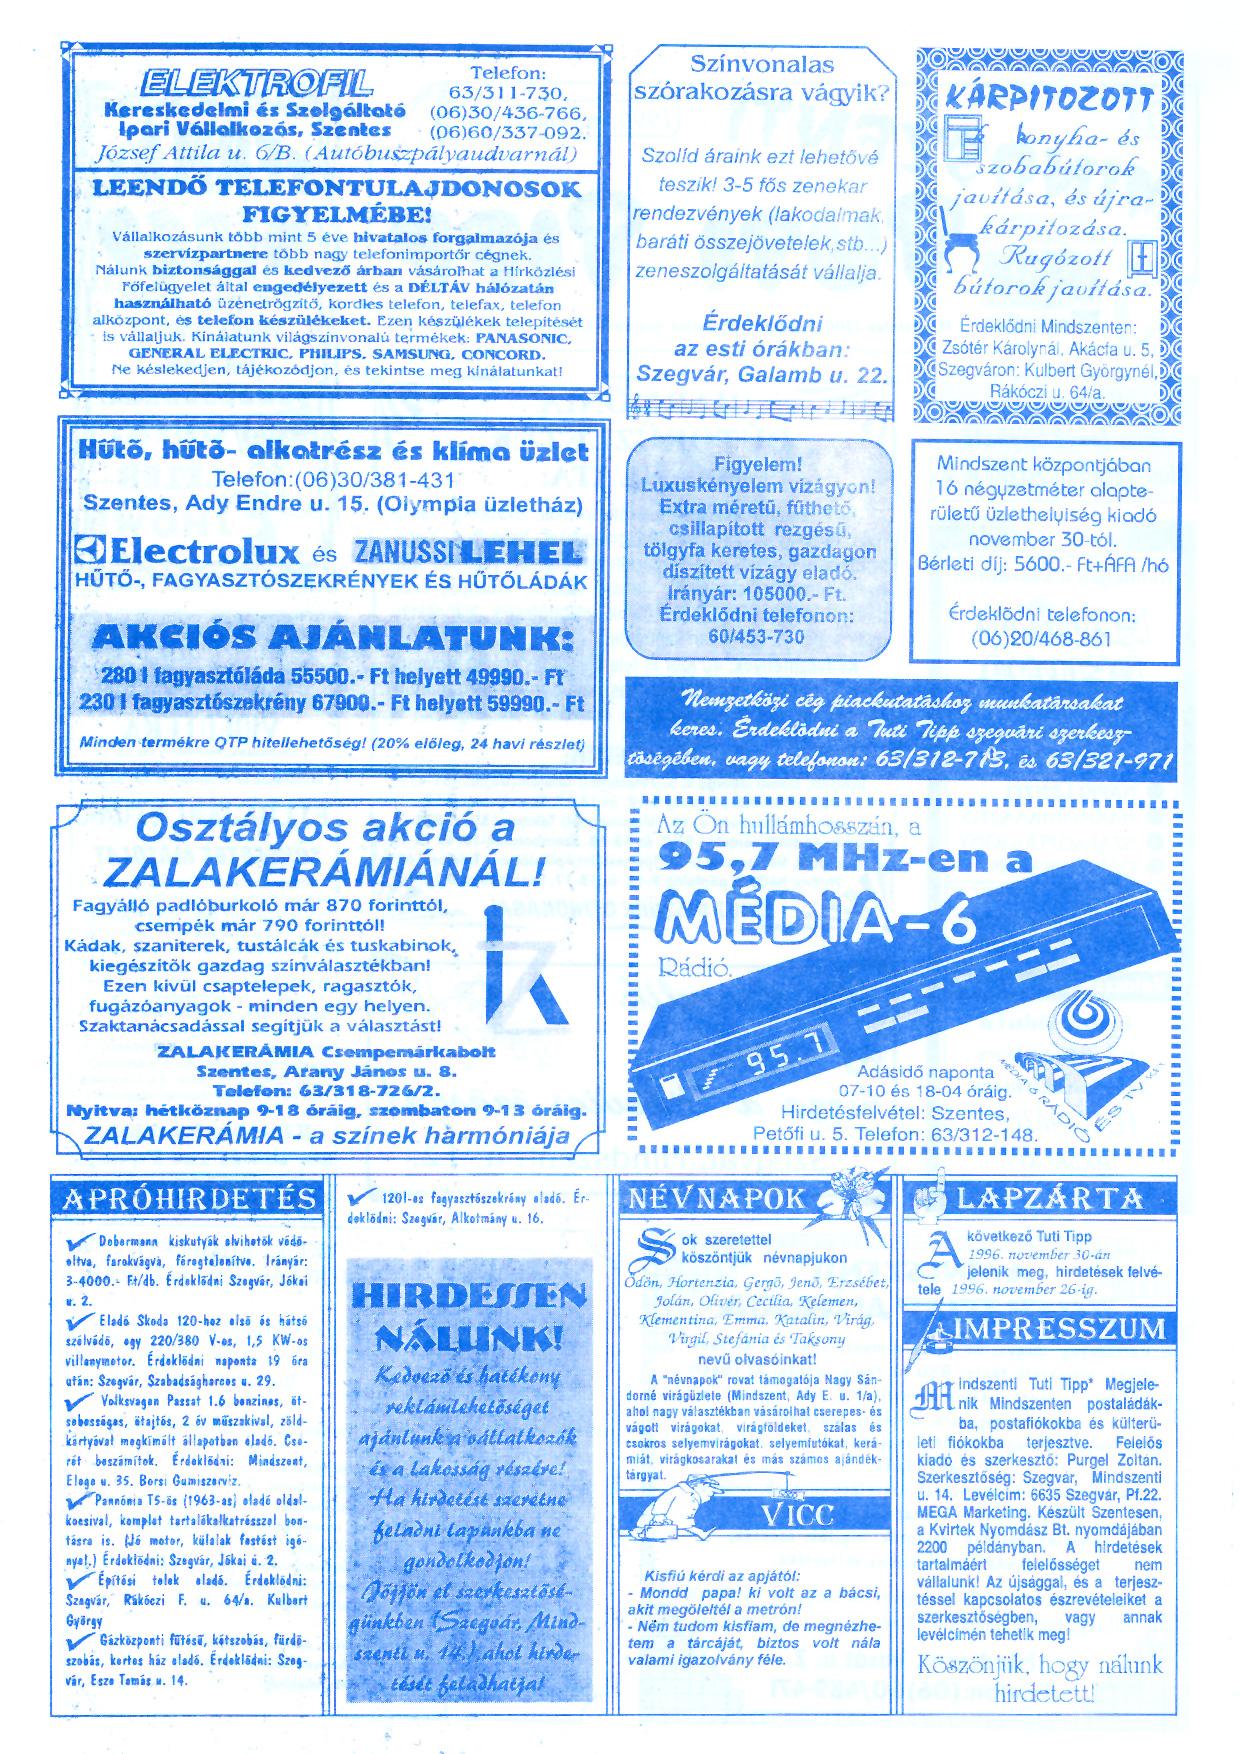 072 Mindszenti Tuti Tipp reklámújság - 19961116-011. lapszám - 2.oldal - II. évfolyam.jpg